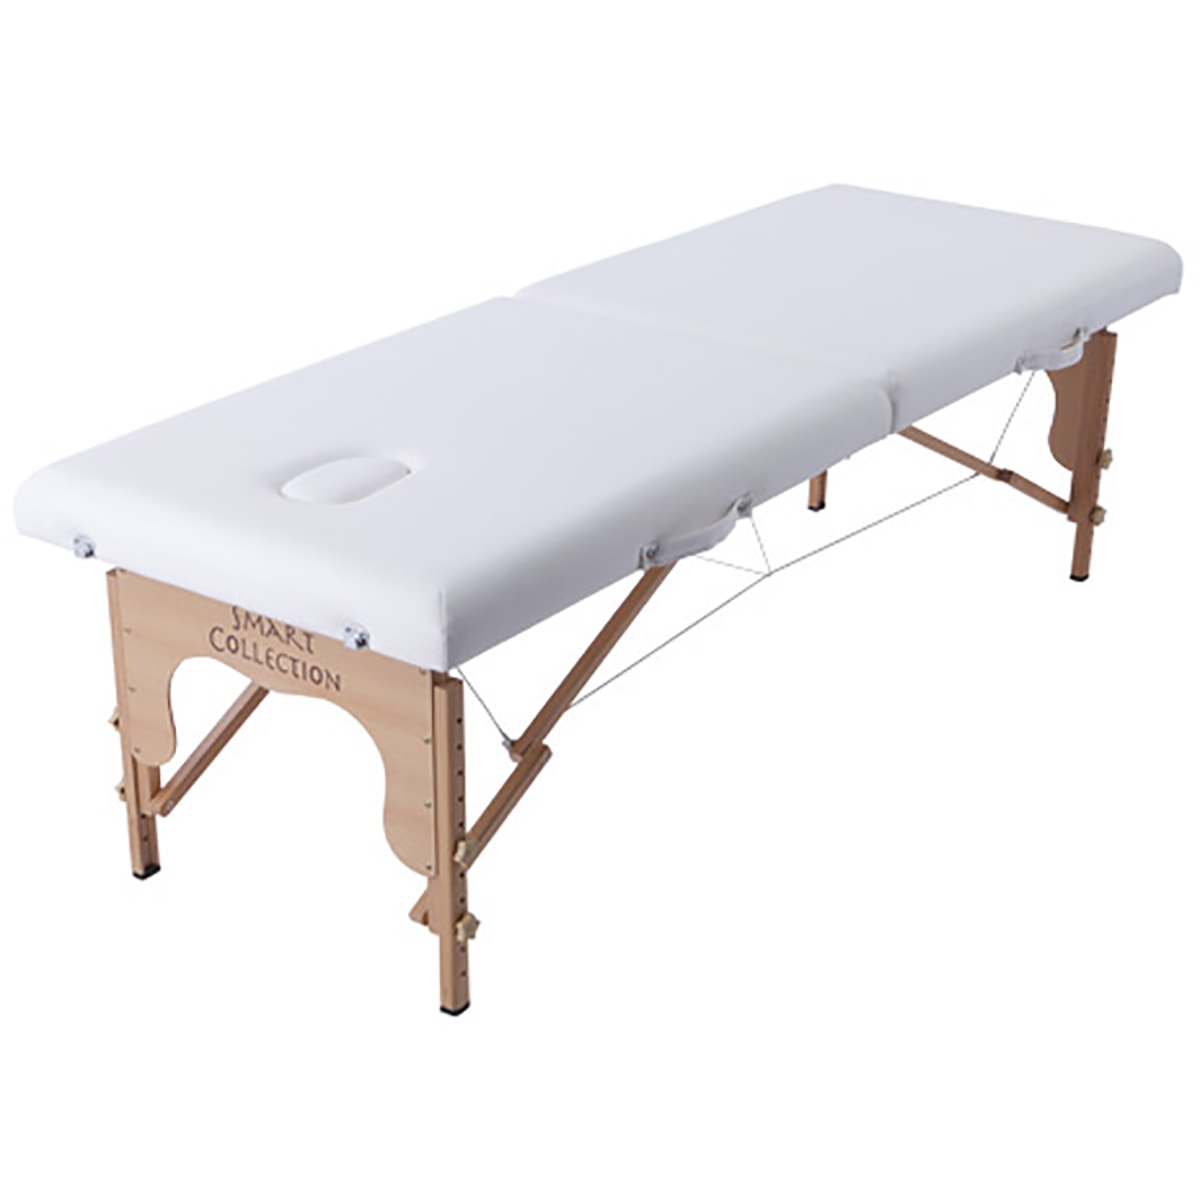 軽量木製折りたたみベッド EB 03(キャリーバック付)の卸・通販